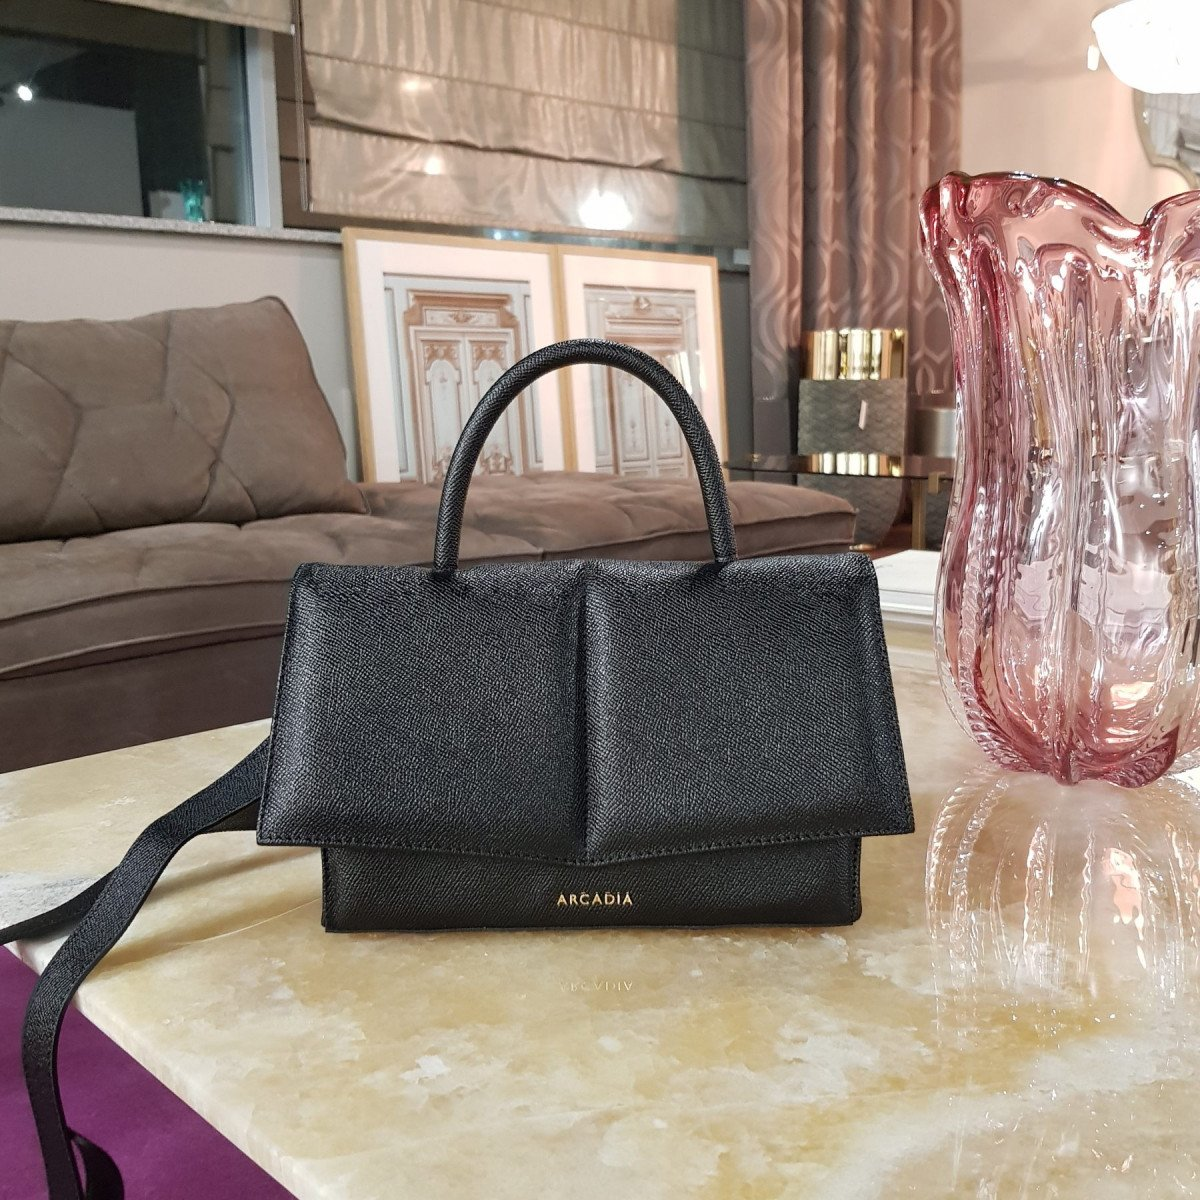 Итальянская женская сумка Arcadia 3939 galux nero из натуральной кожи